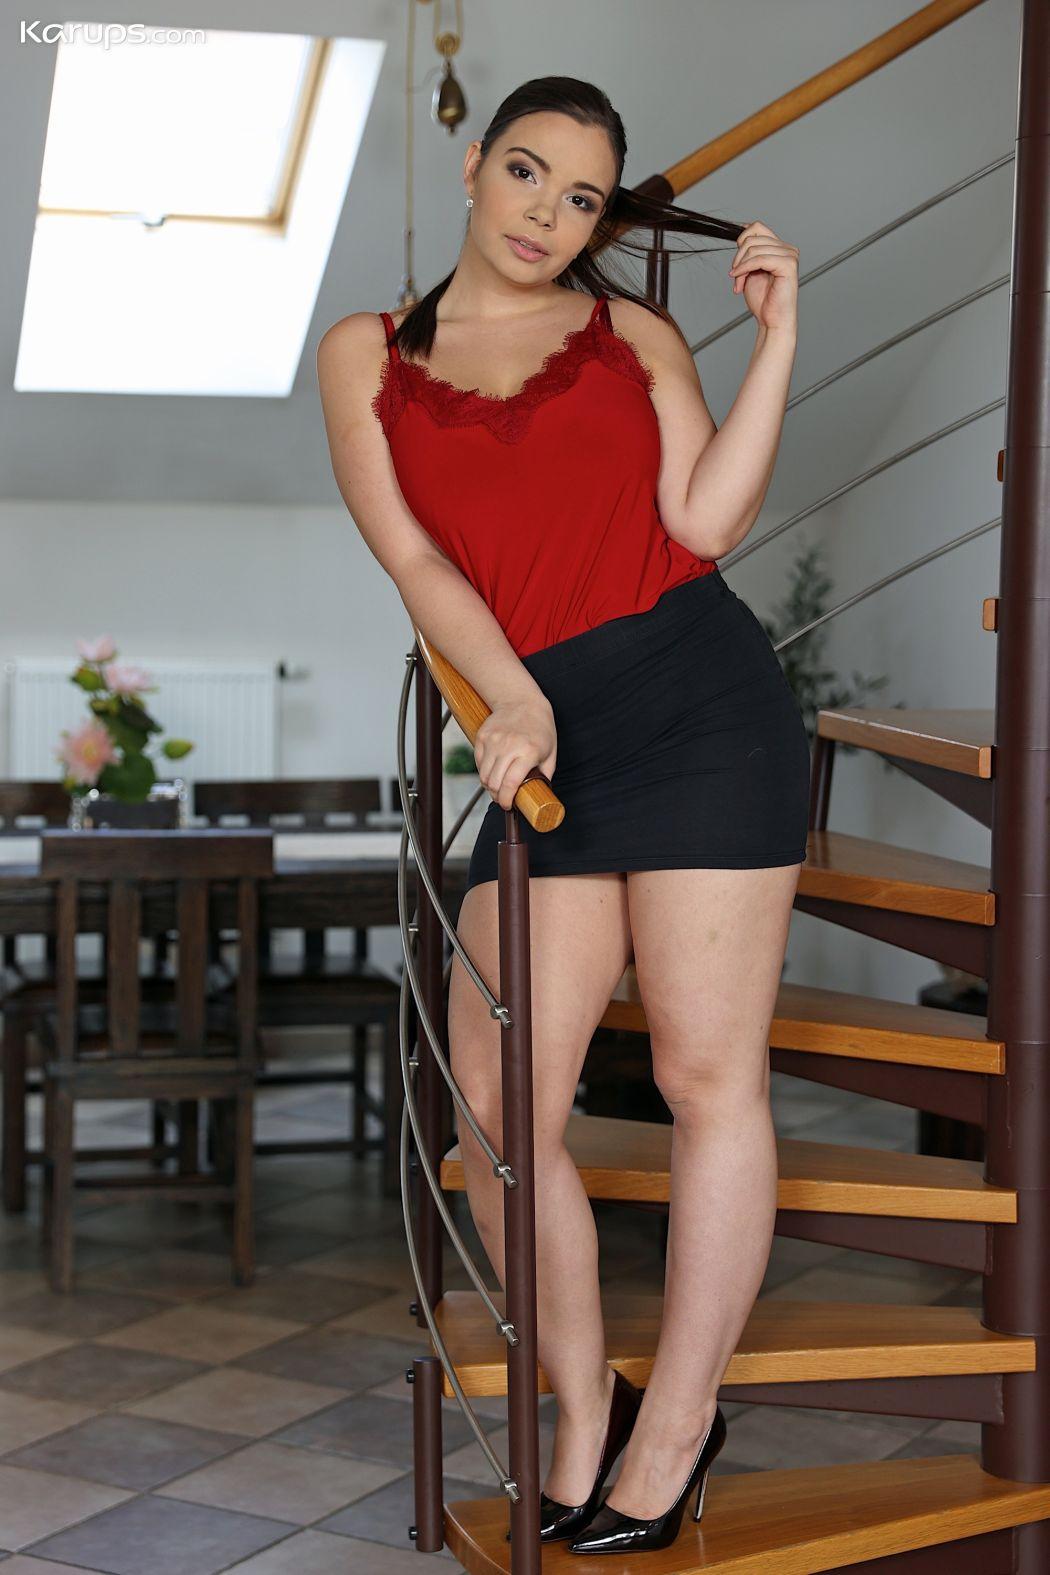 Jonge vrouw met dikke tieten, maatje meer, gaat naakt op